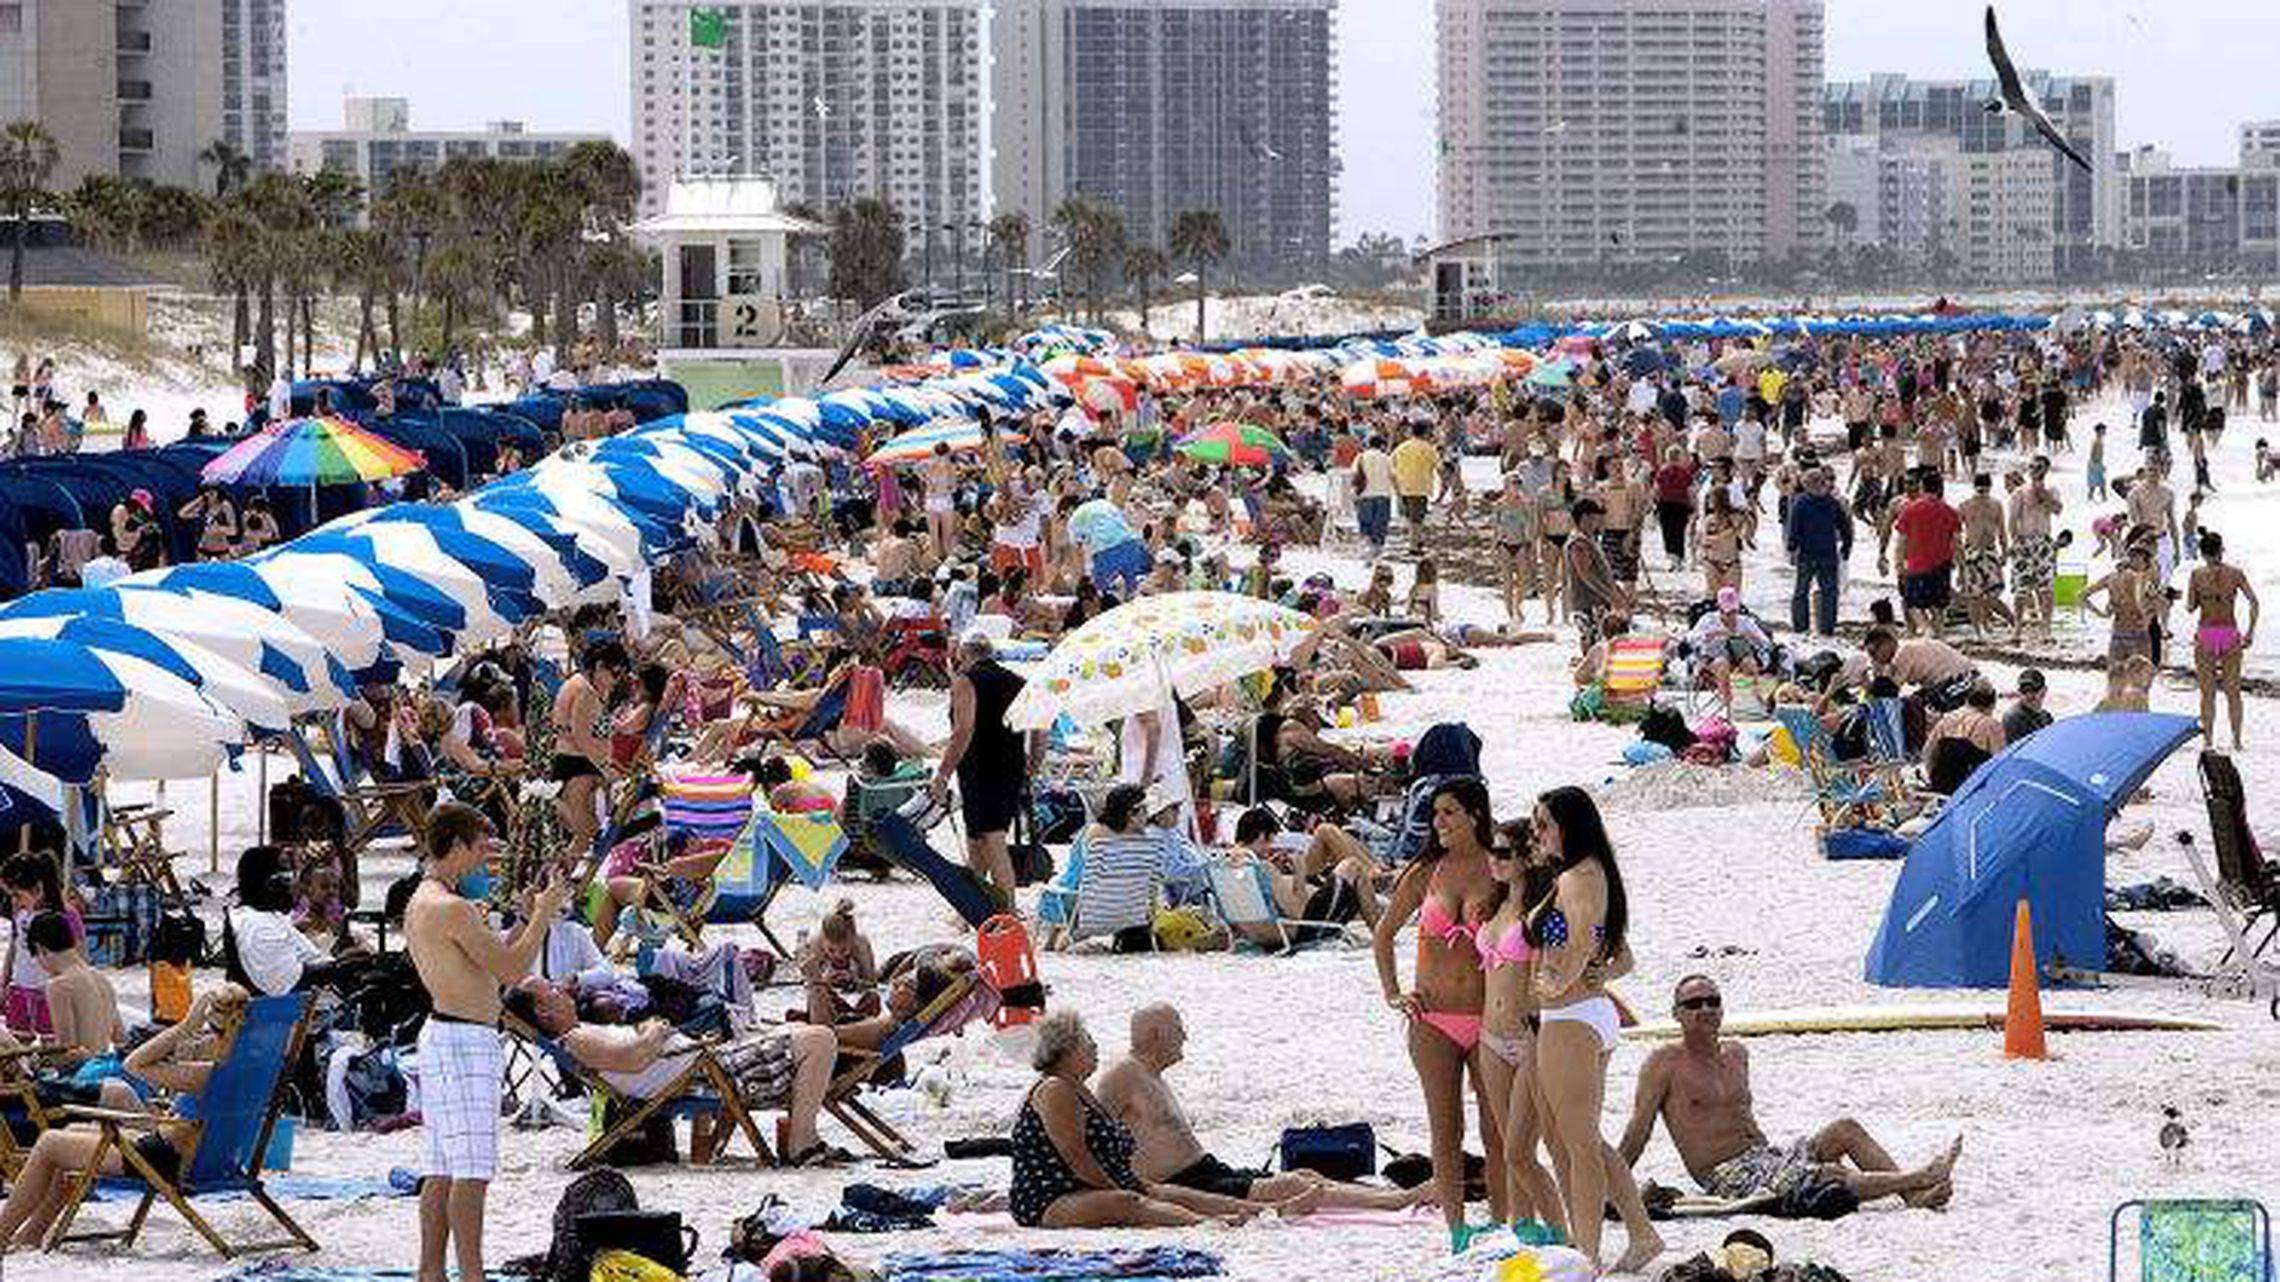 Tampa University Spring Break | Printable Calendar 2020 2021 Inside District 20 Spring Break 2021